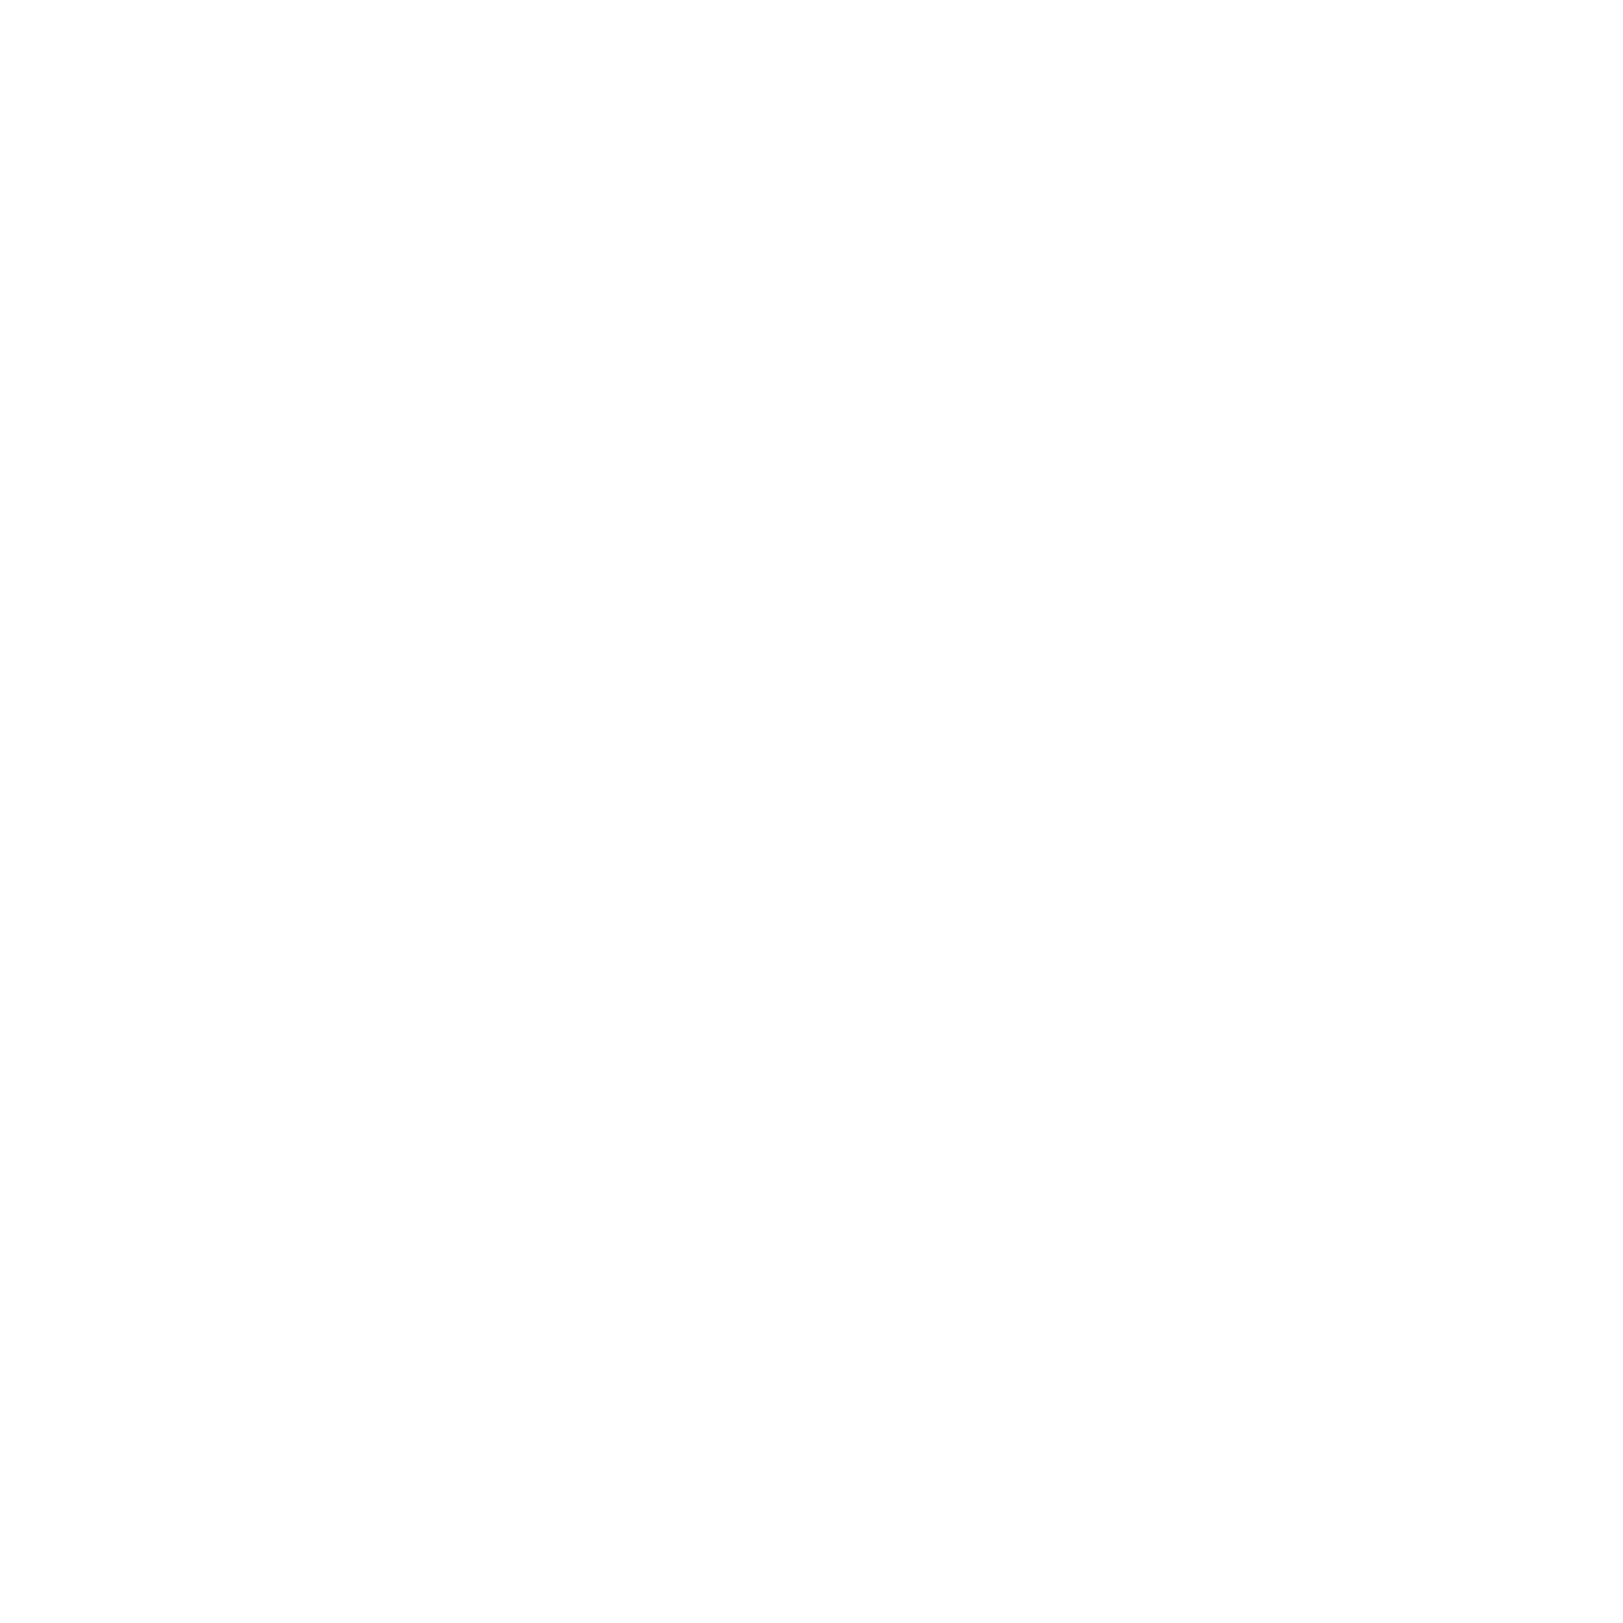 escudo_blanco